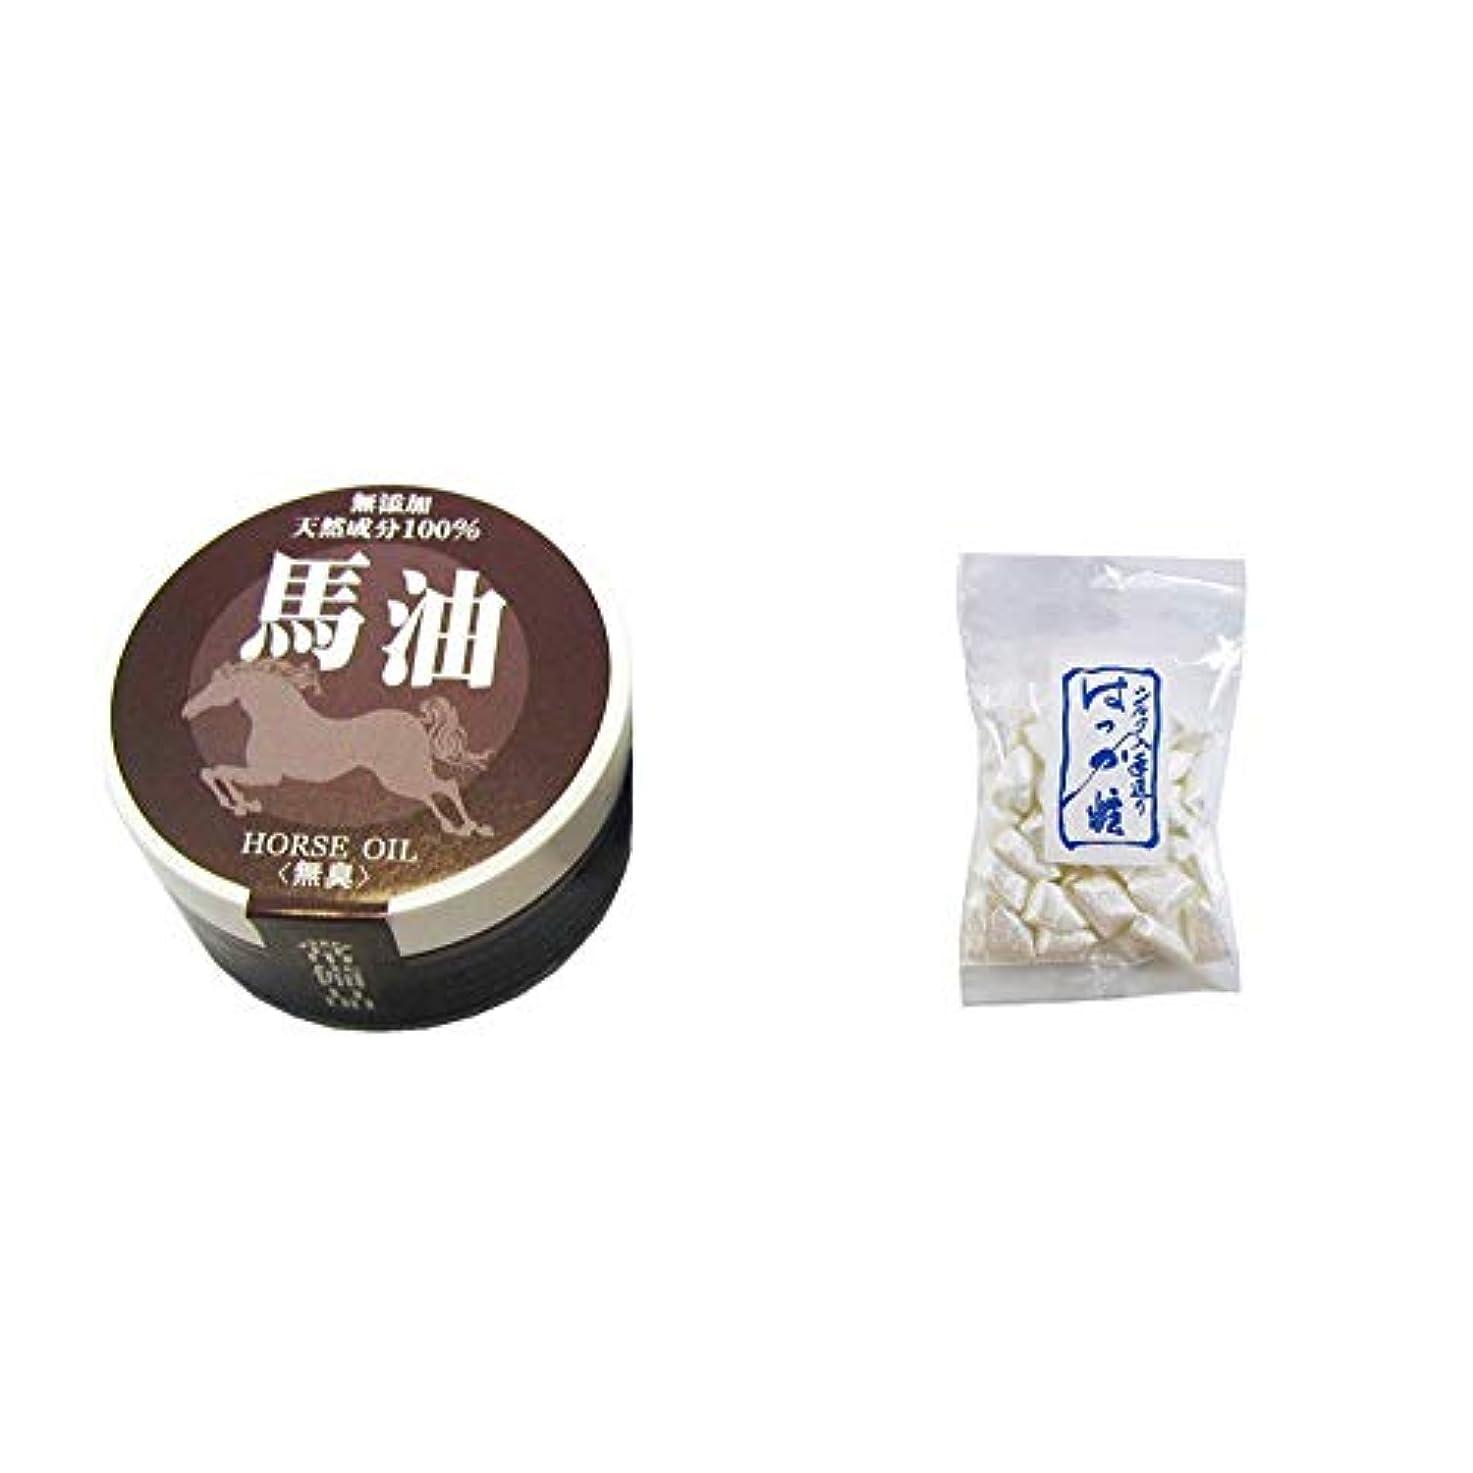 ポーター摂氏ブラジャー[2点セット] 無添加天然成分100% 馬油[無香料](38g)?シルクはっか糖(150g)